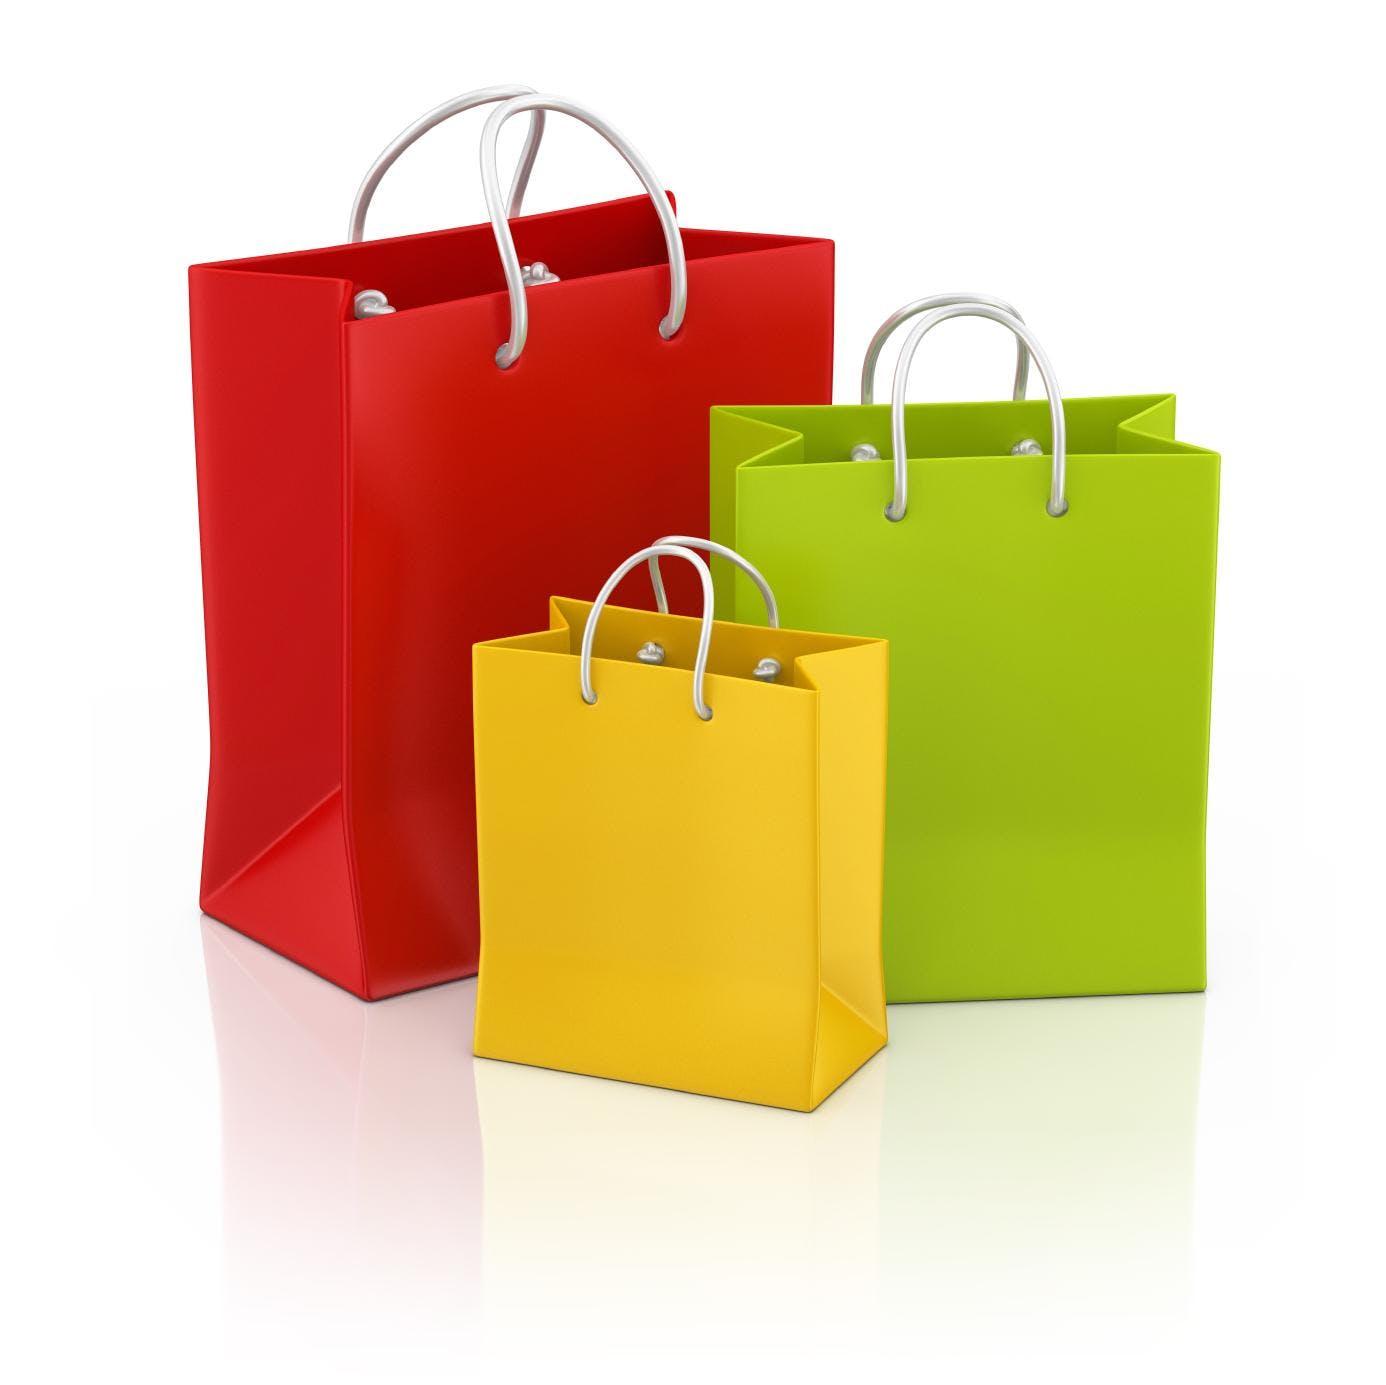 shopping bags - 1000×1001